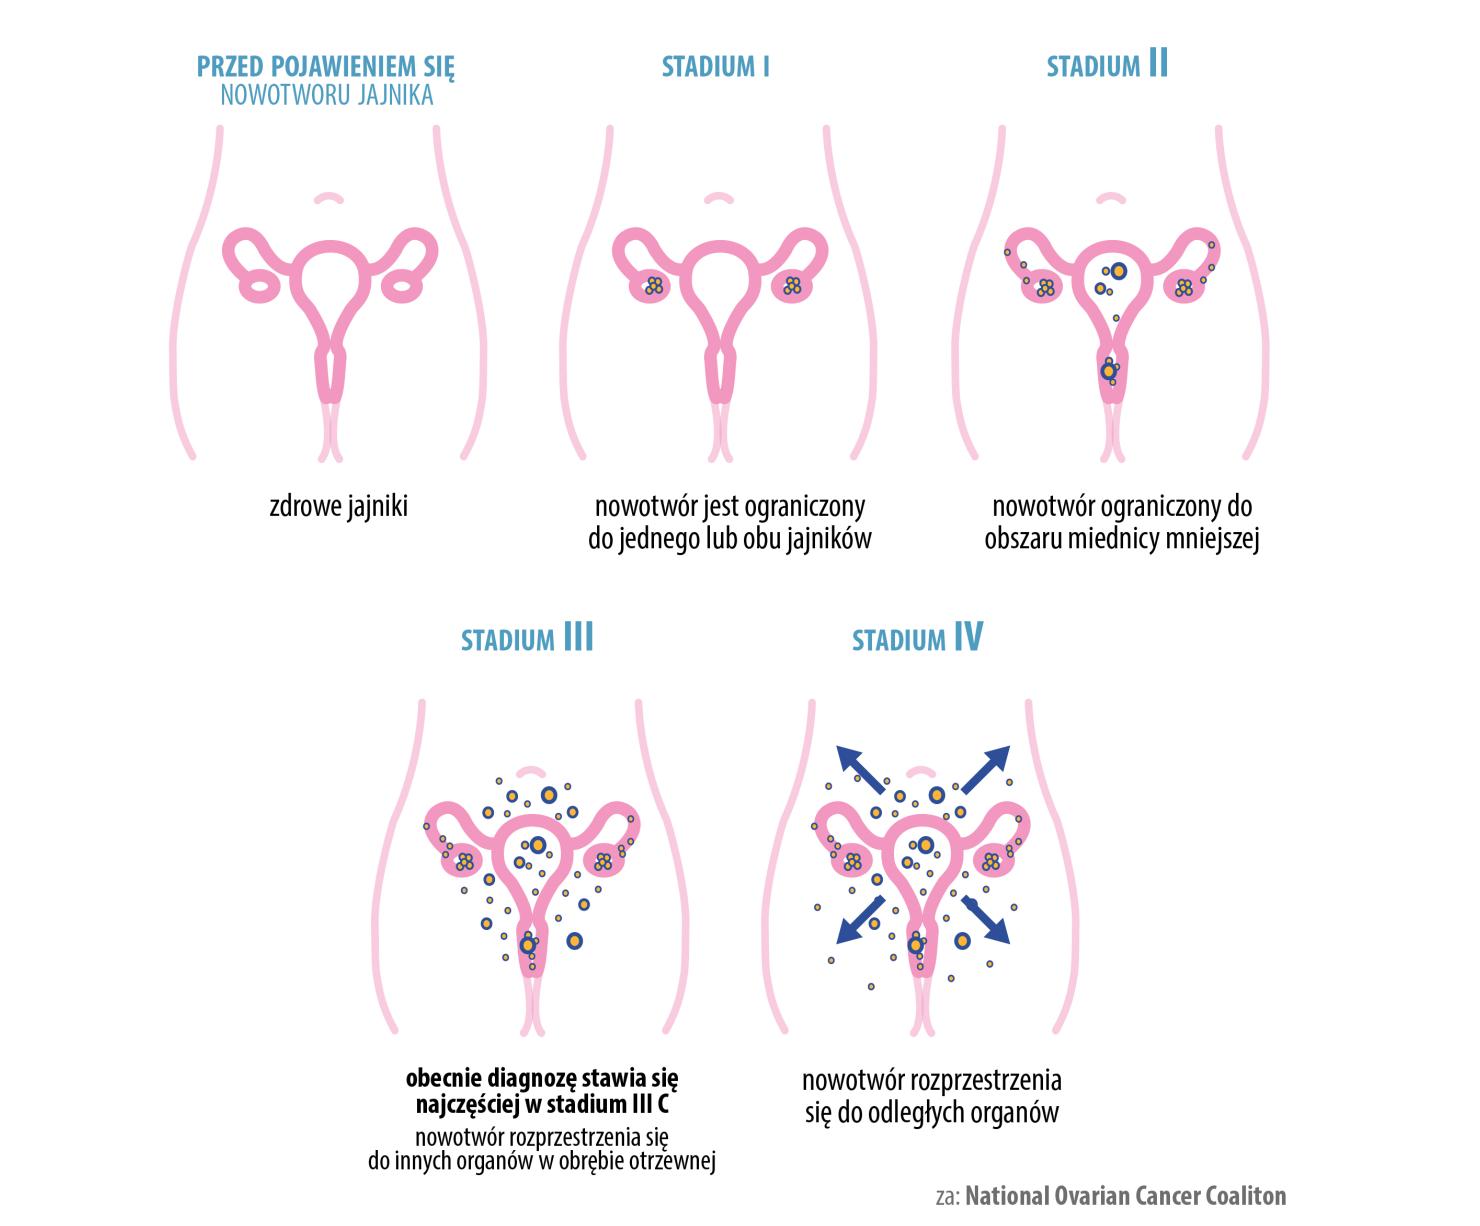 rak jajnika stadia rozwoju